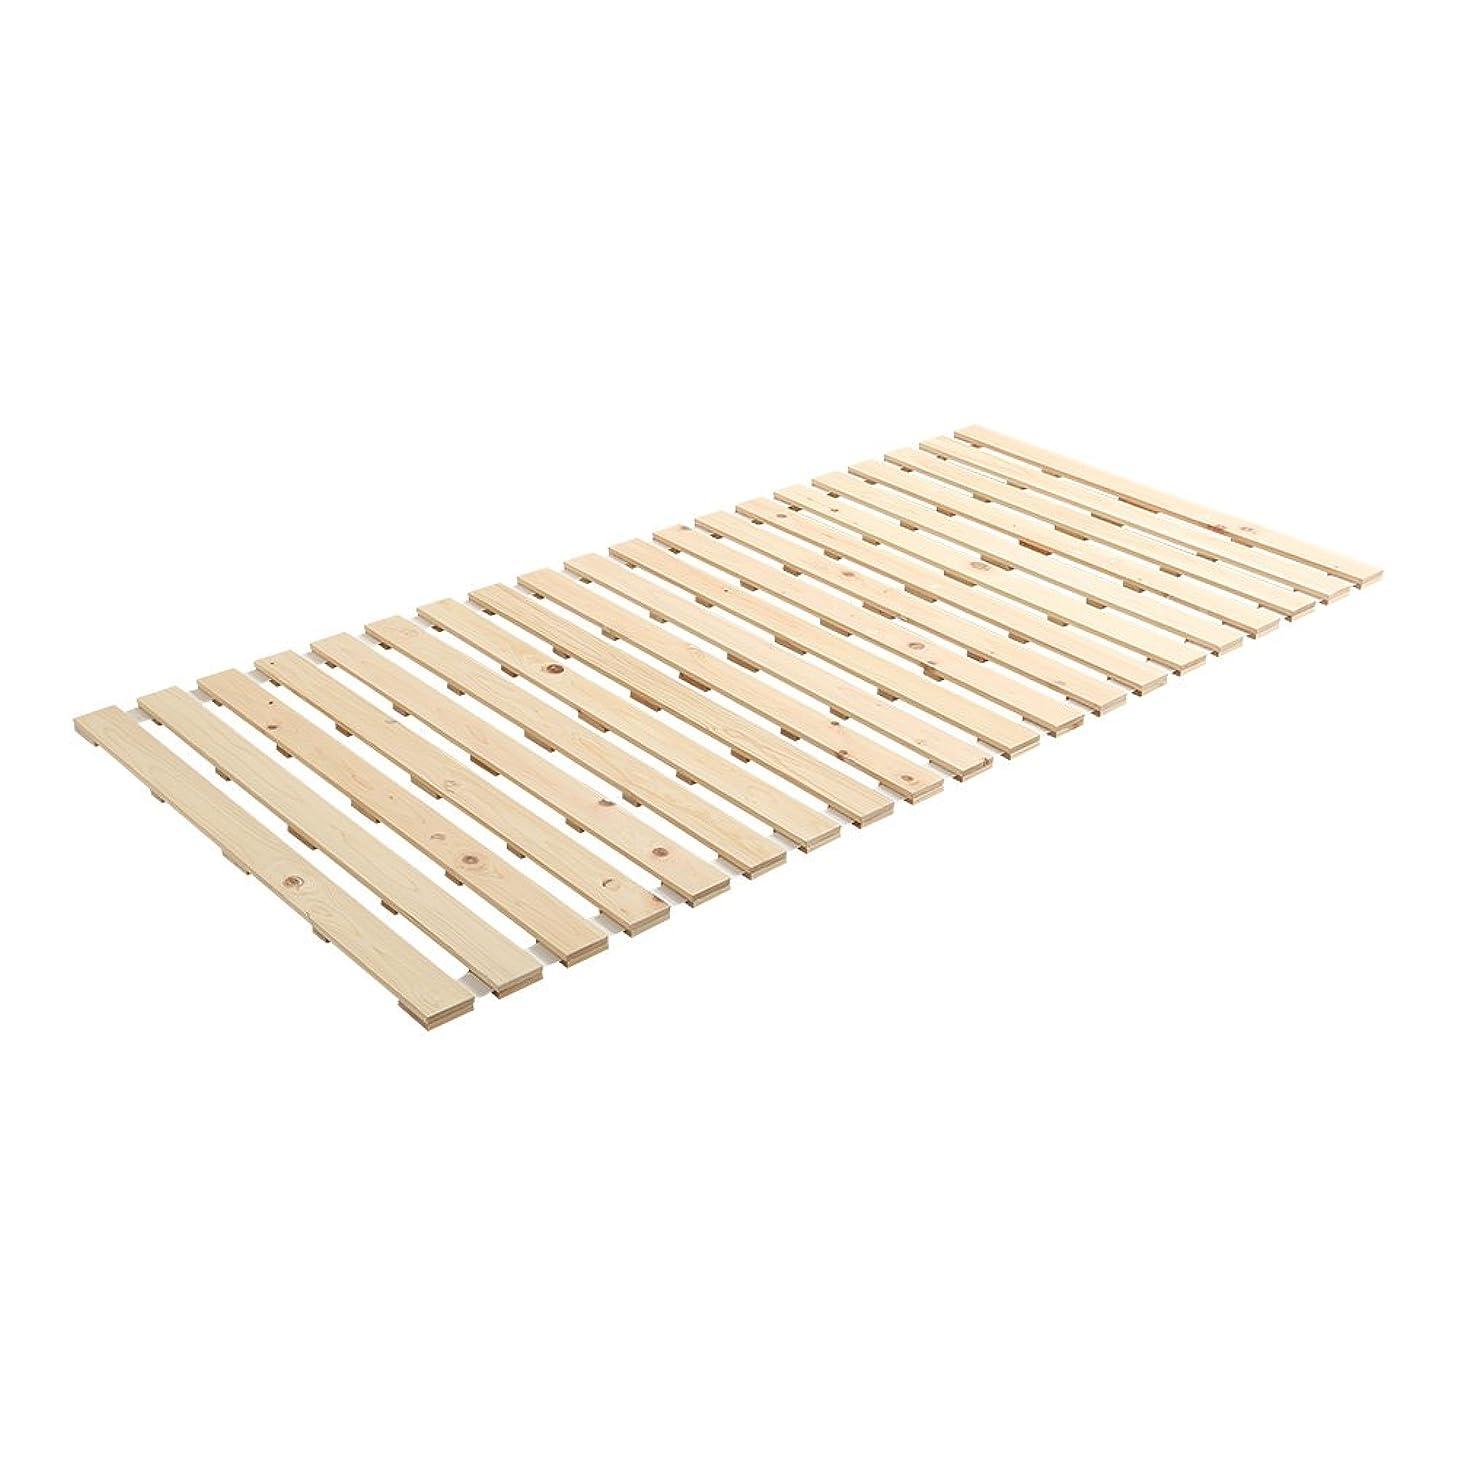 かけがえのないやがてアグネスグレイすのこマット すのこベッド ロール式 国産檜 シングル ベッド 折りたたみ 折り畳み すのこベッド 檜 すのこ ロール 木製 湿気